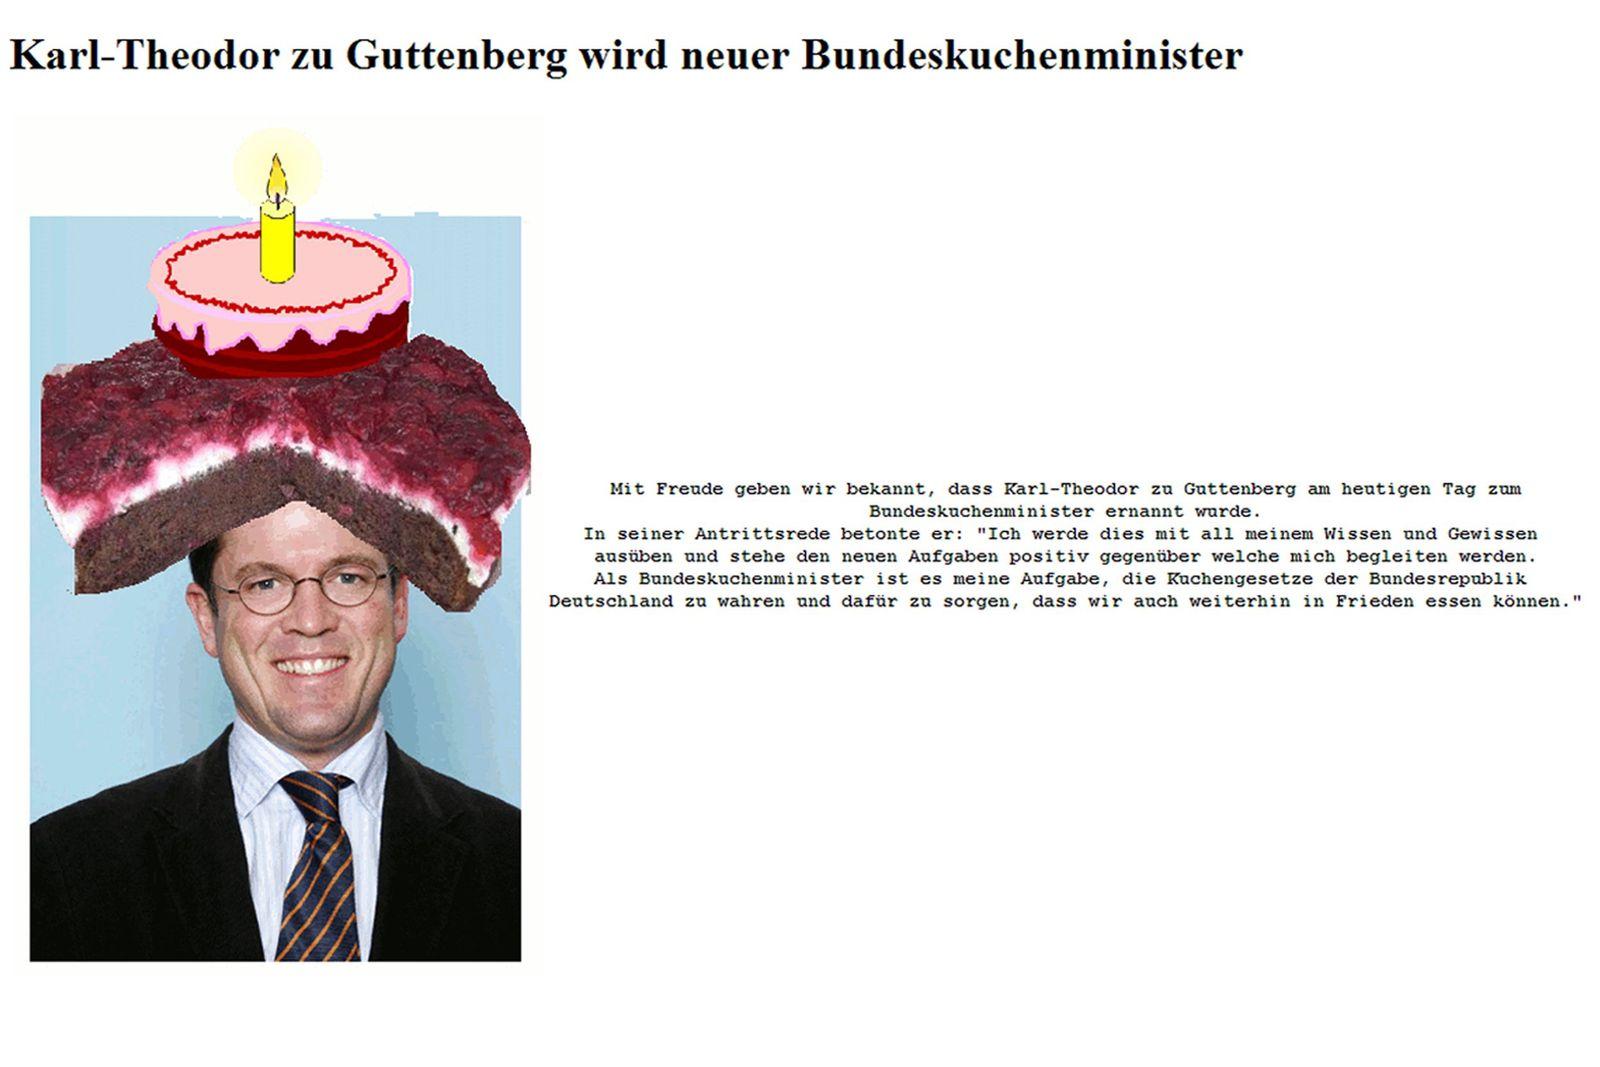 NICHT VERWENDEN zu Guttenberg / Internetseite / Kuchenminister